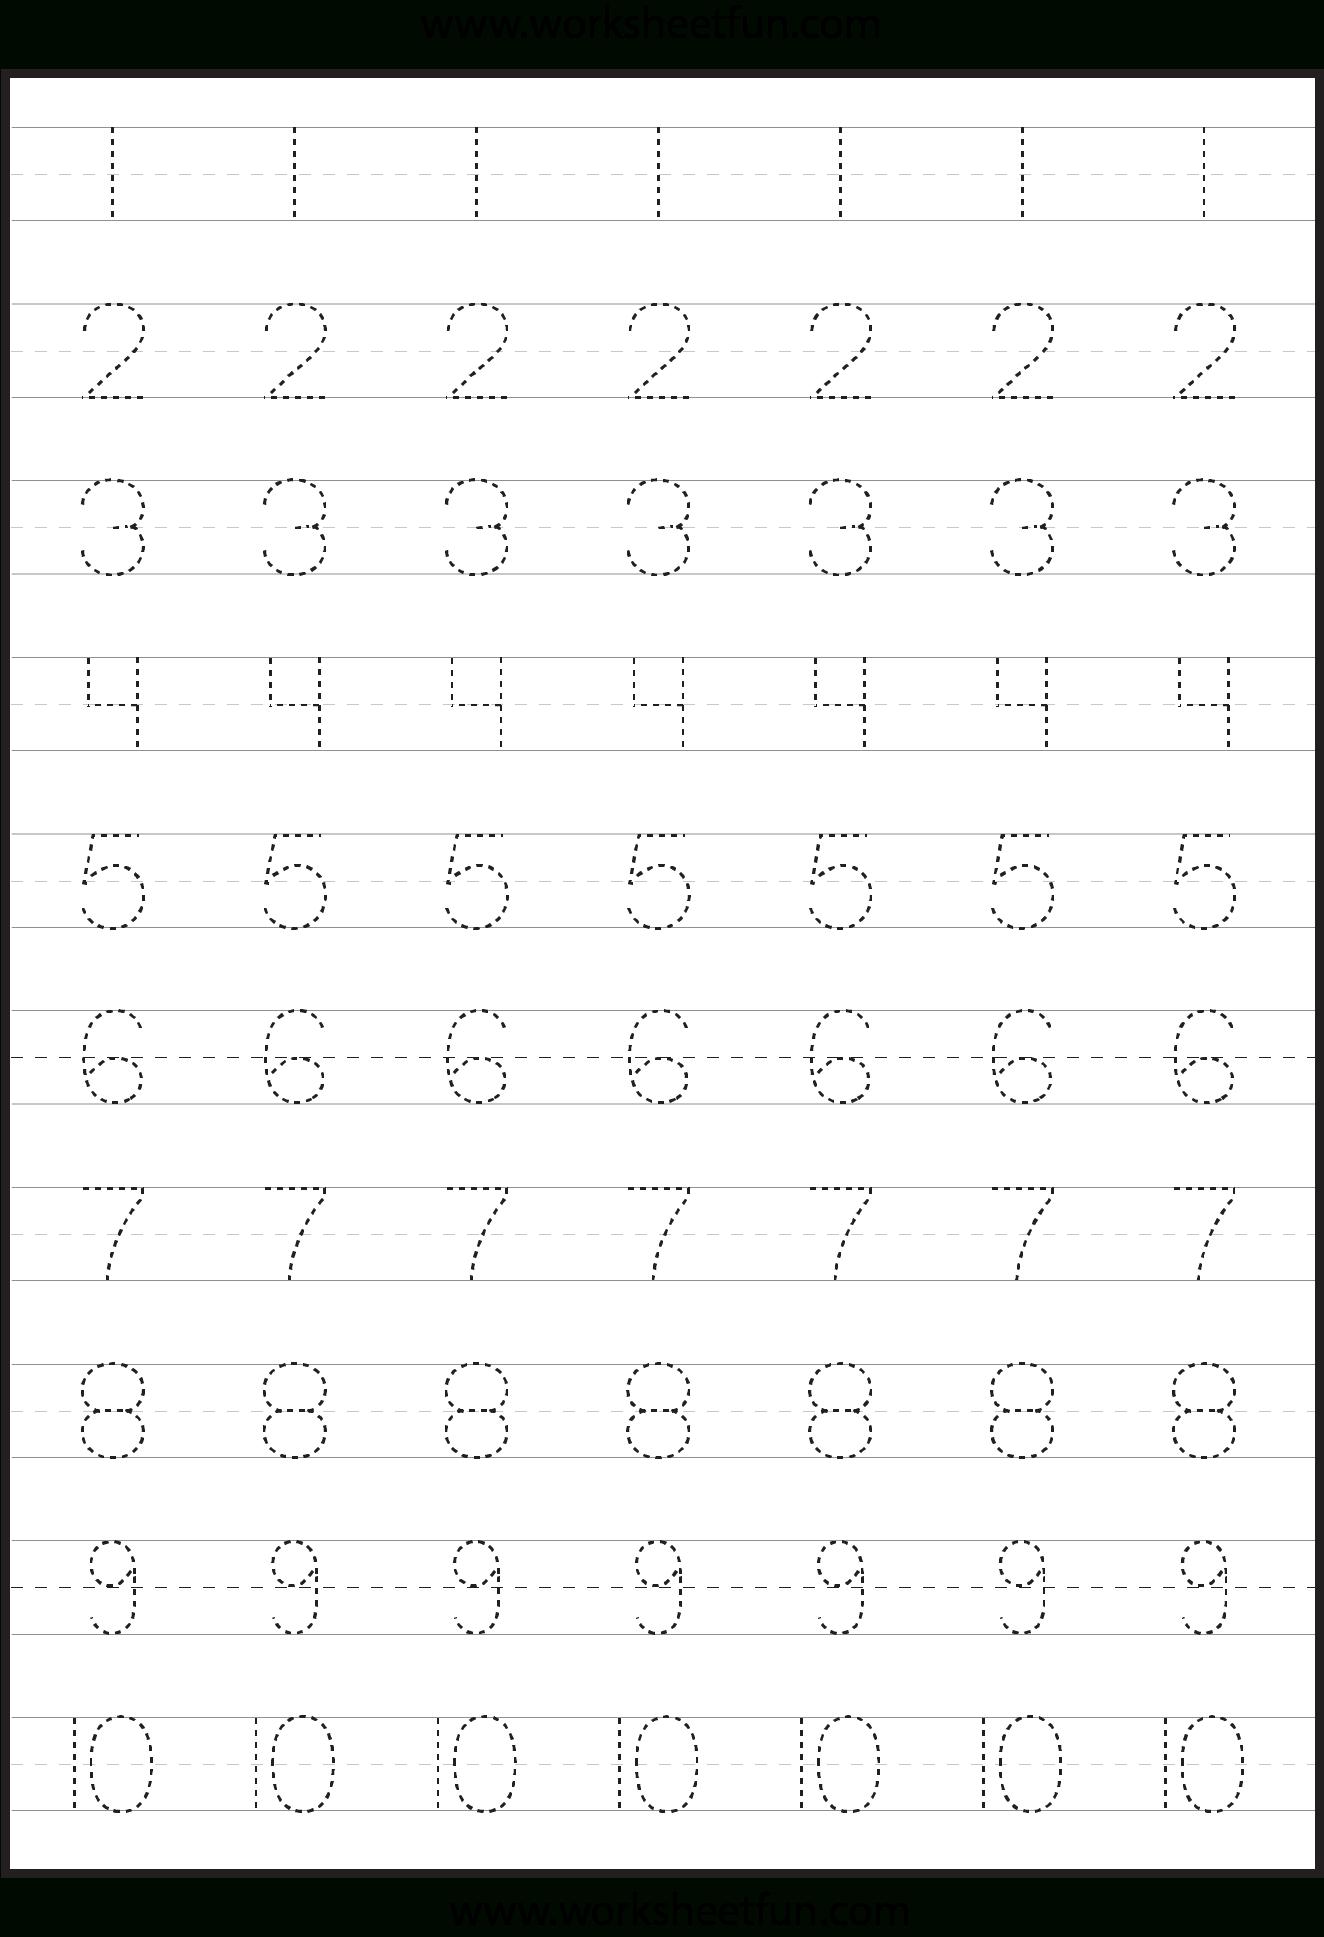 Number Tracing Worksheets For Kindergarten- 1-10 – Ten